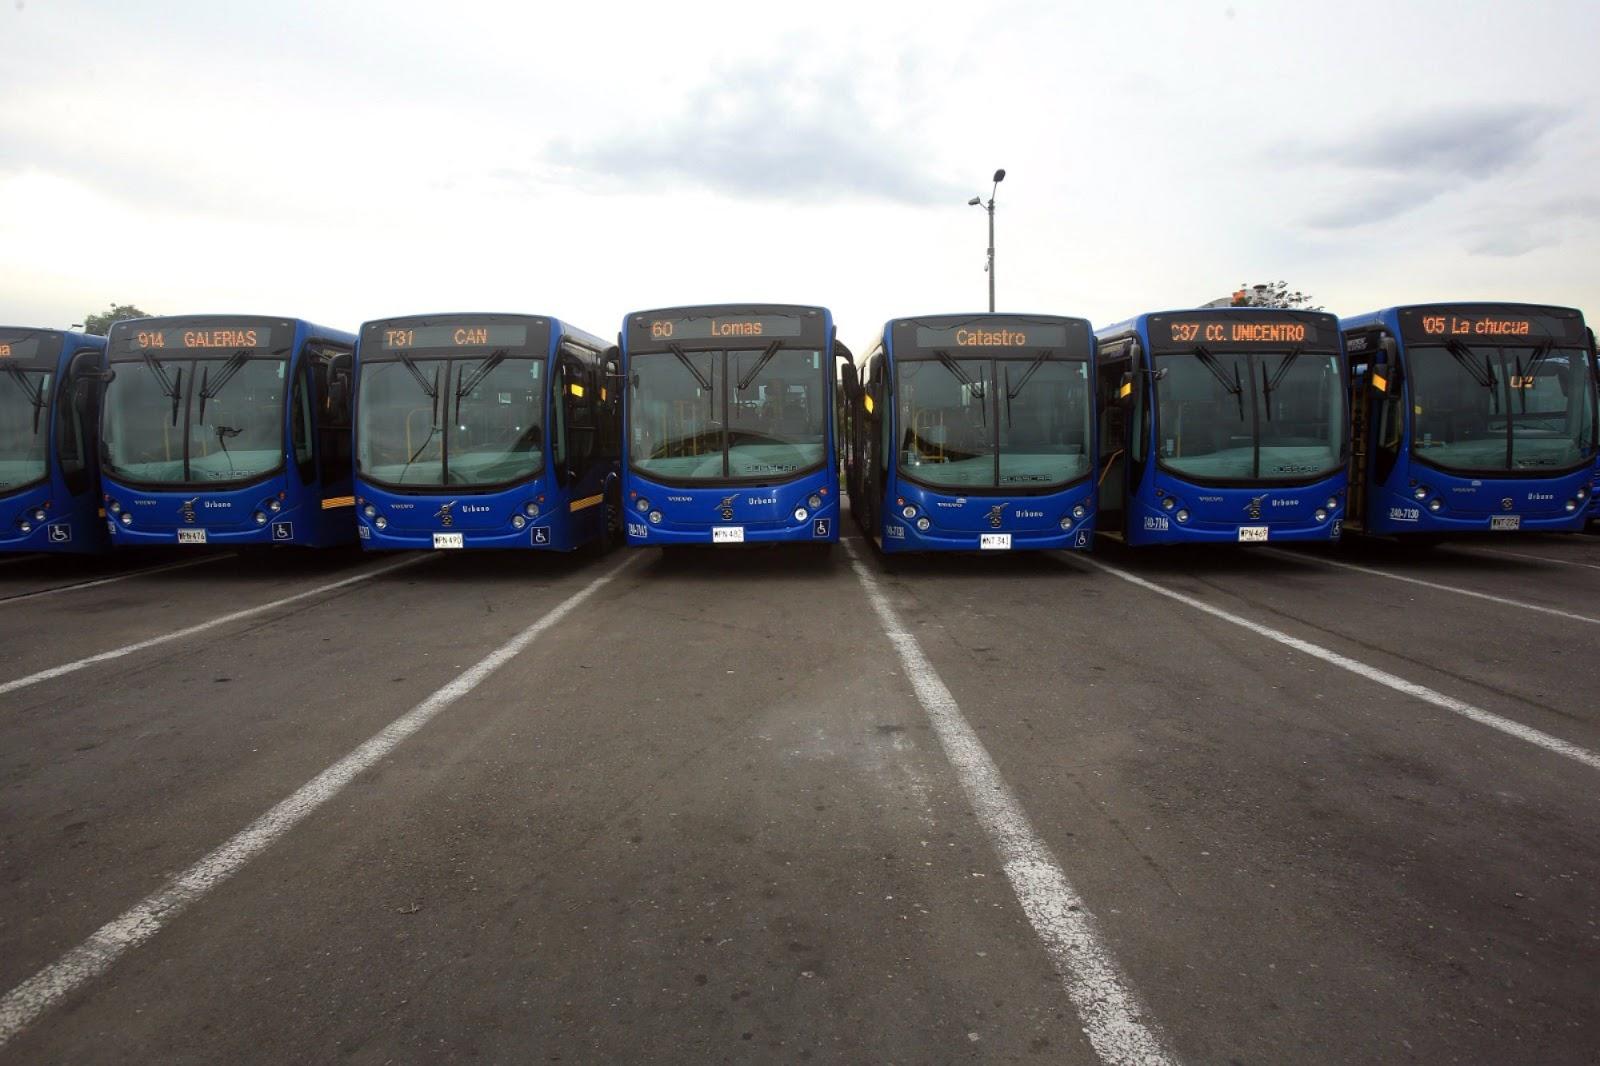 'un système de plusieurs lignes de bus rapides interconnectées